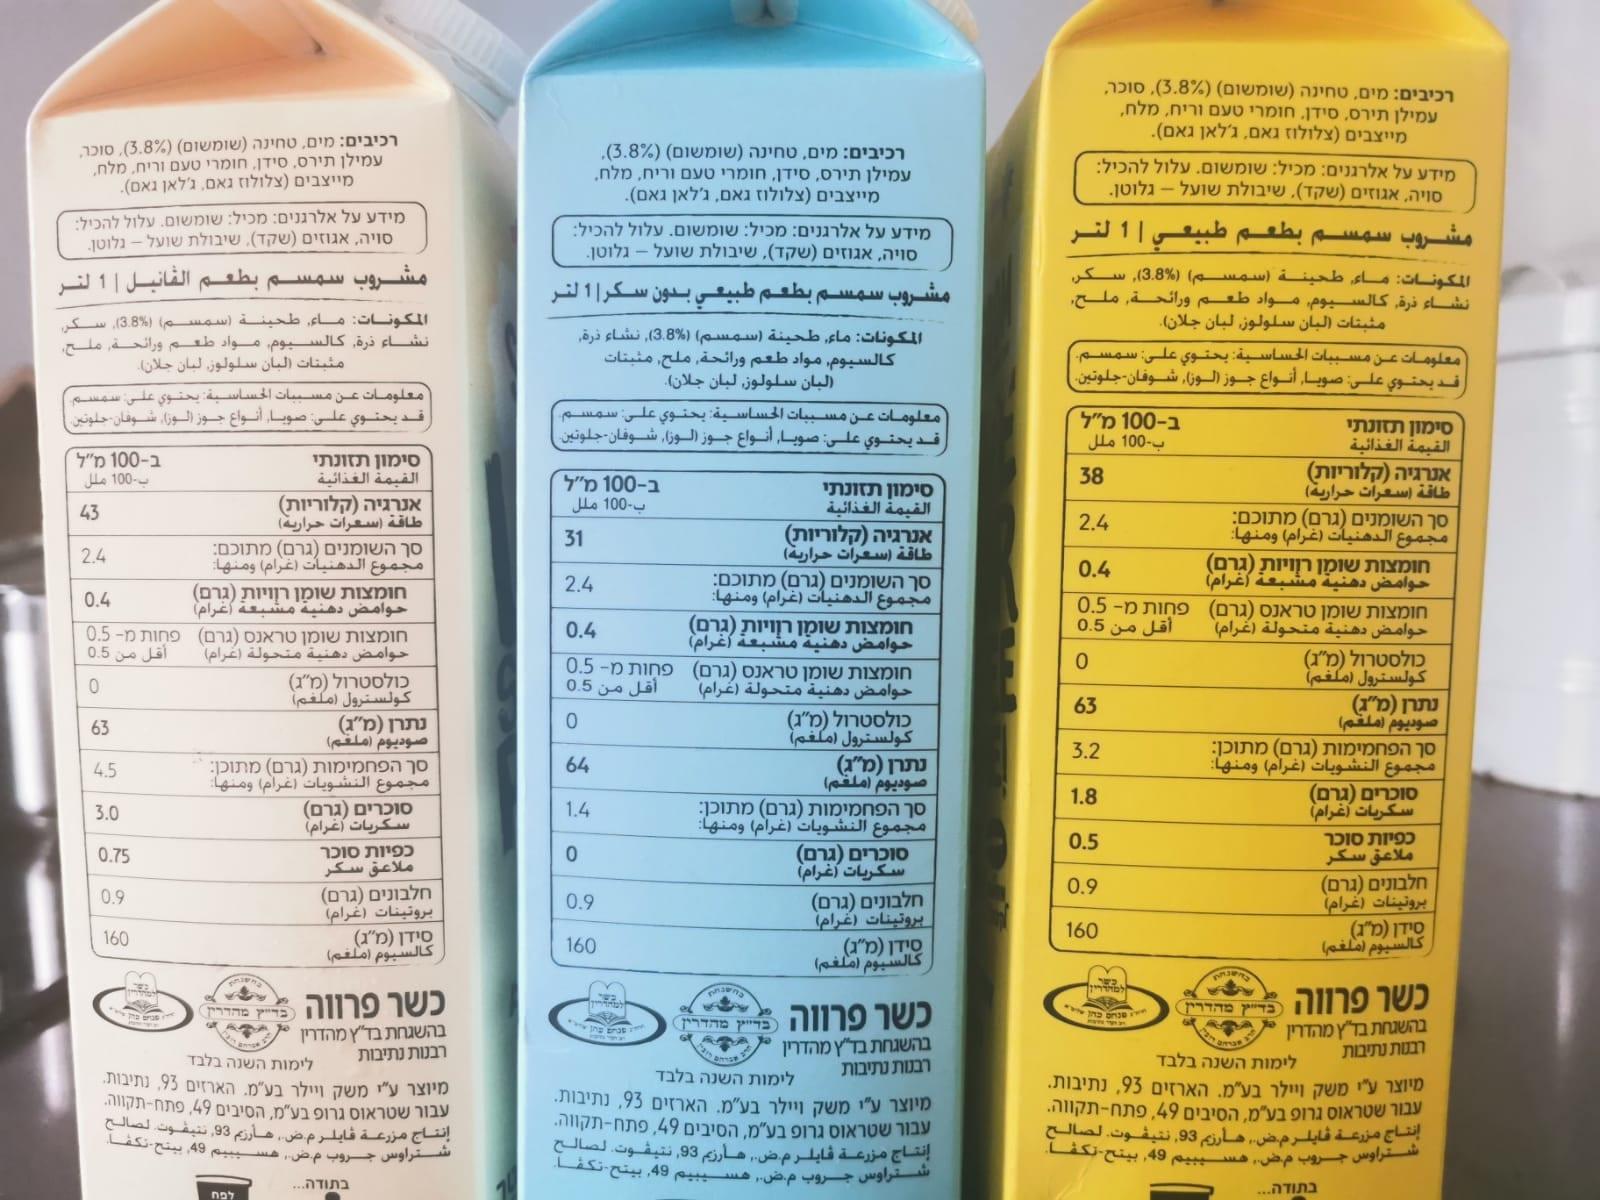 רכיבים תחליפי חלב SOOM של שטראוס